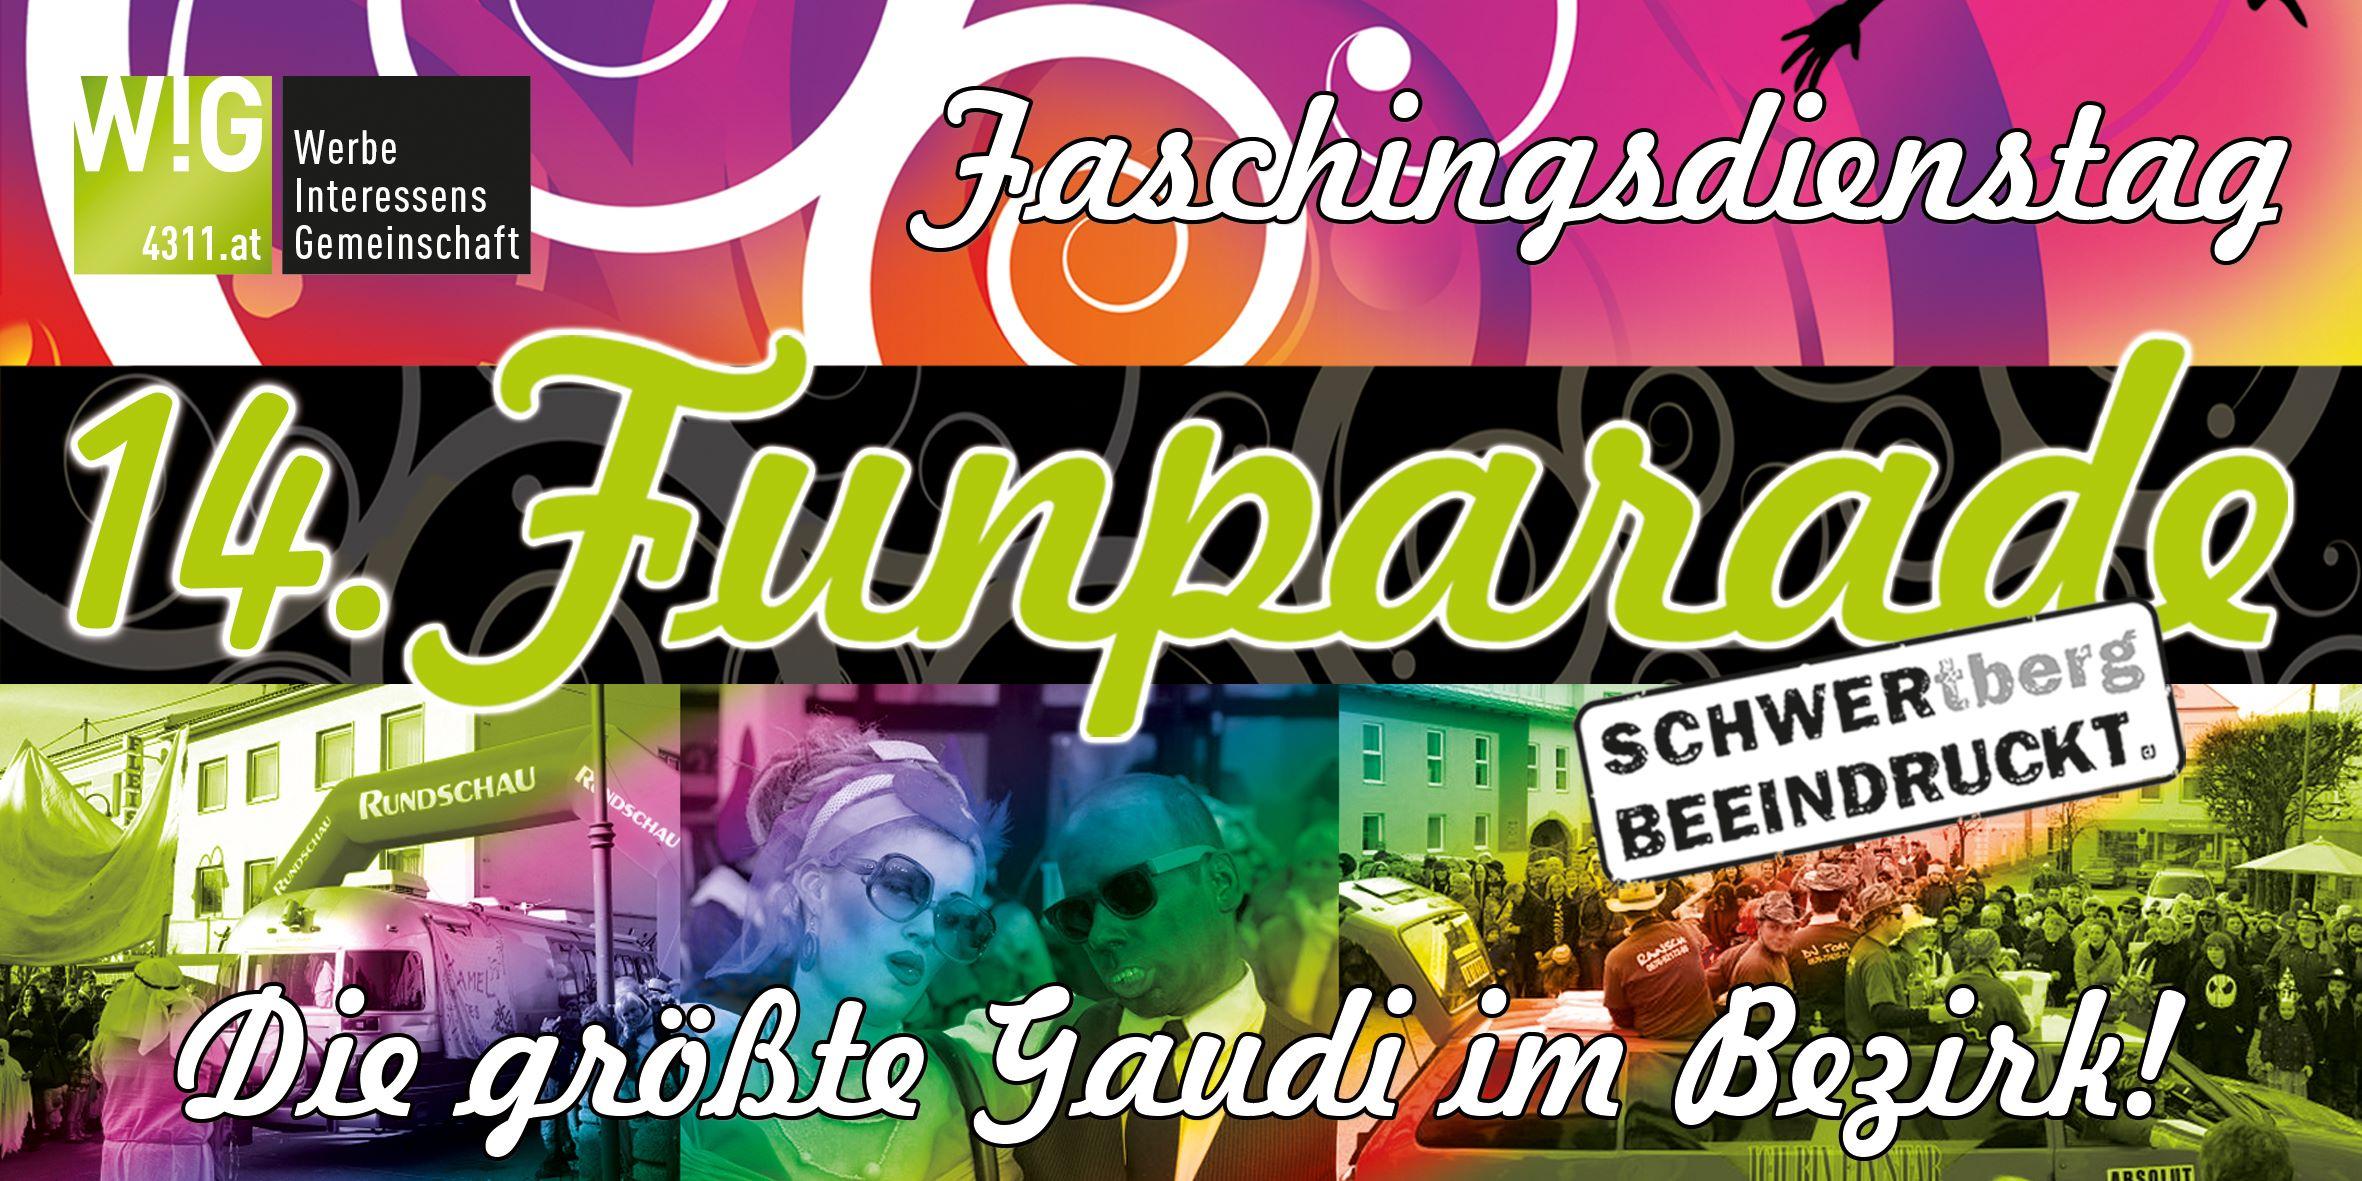 WIG Funparade daistwaslos.at